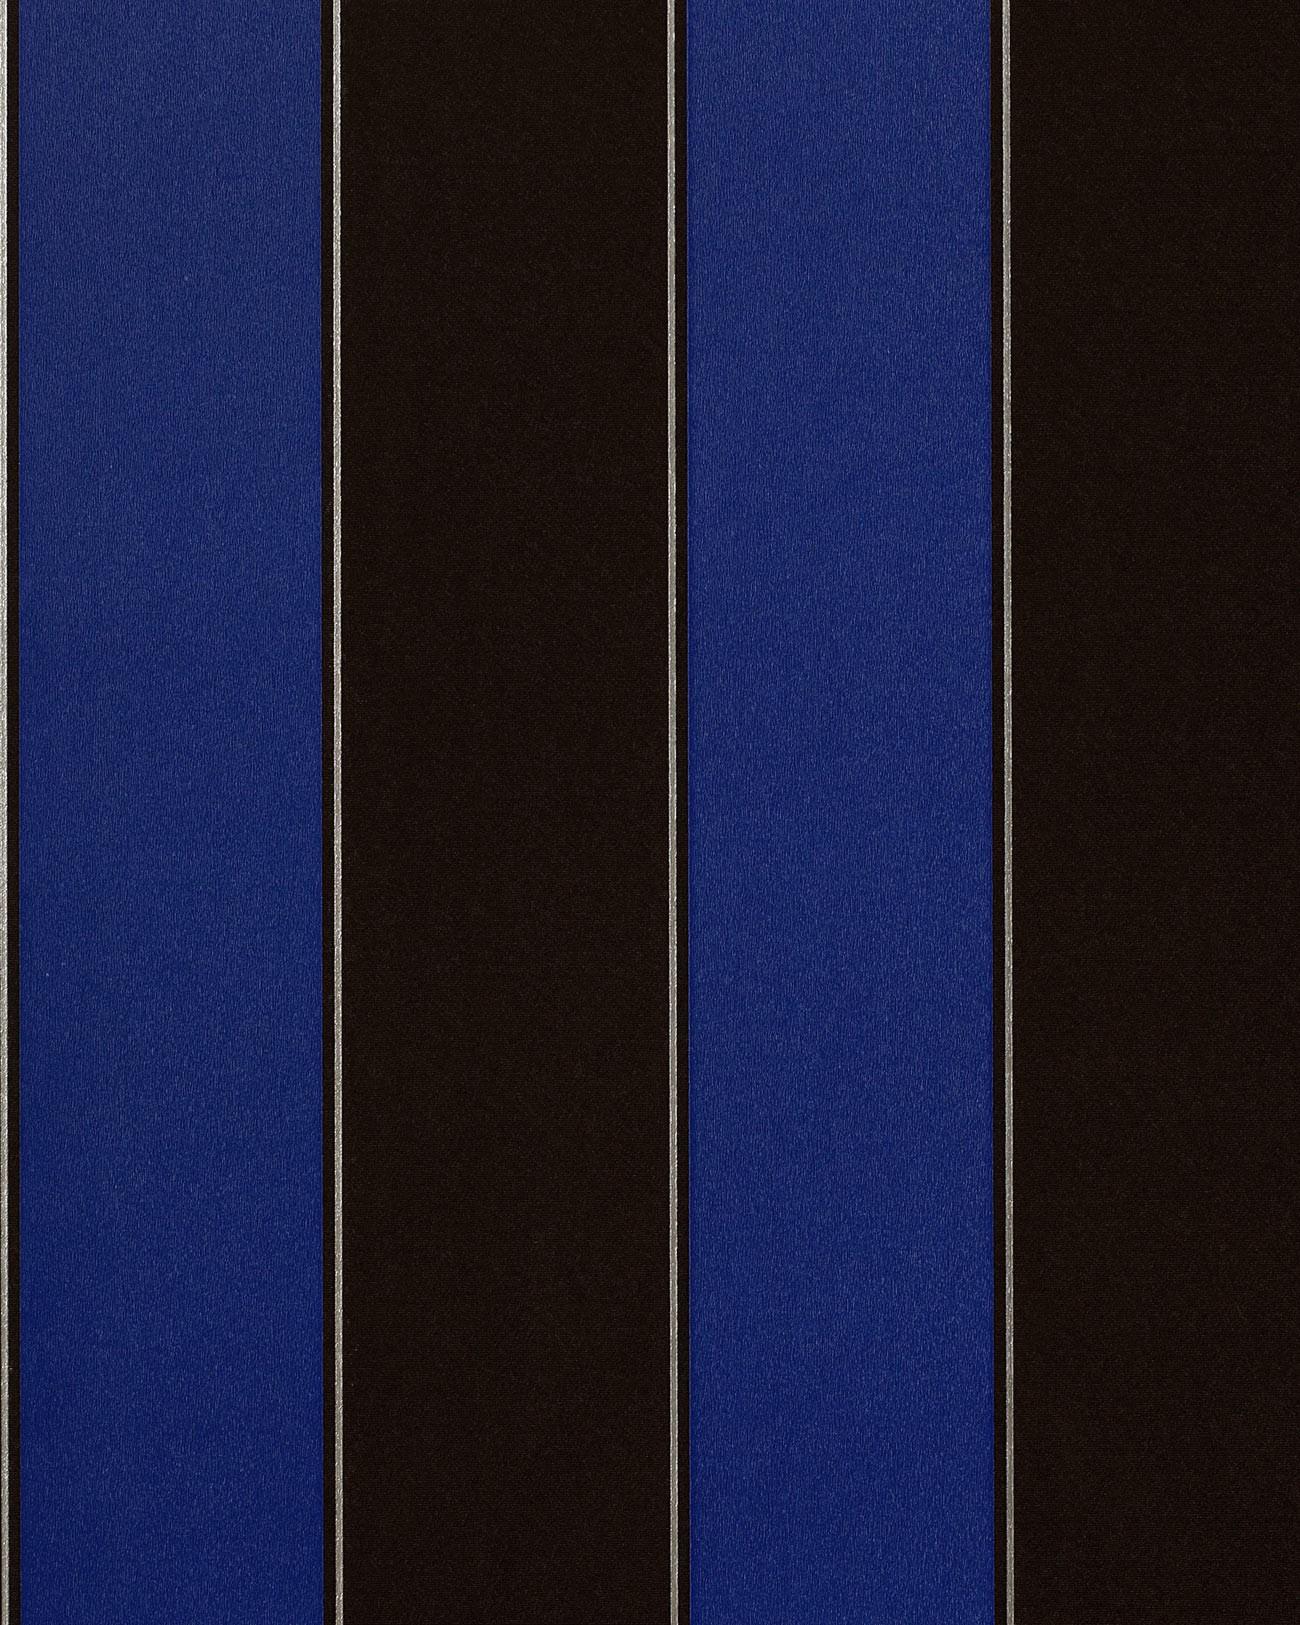 Carta da parati disegno classico EDEM 771-37 a righe colore marrone scuro blu reale argento